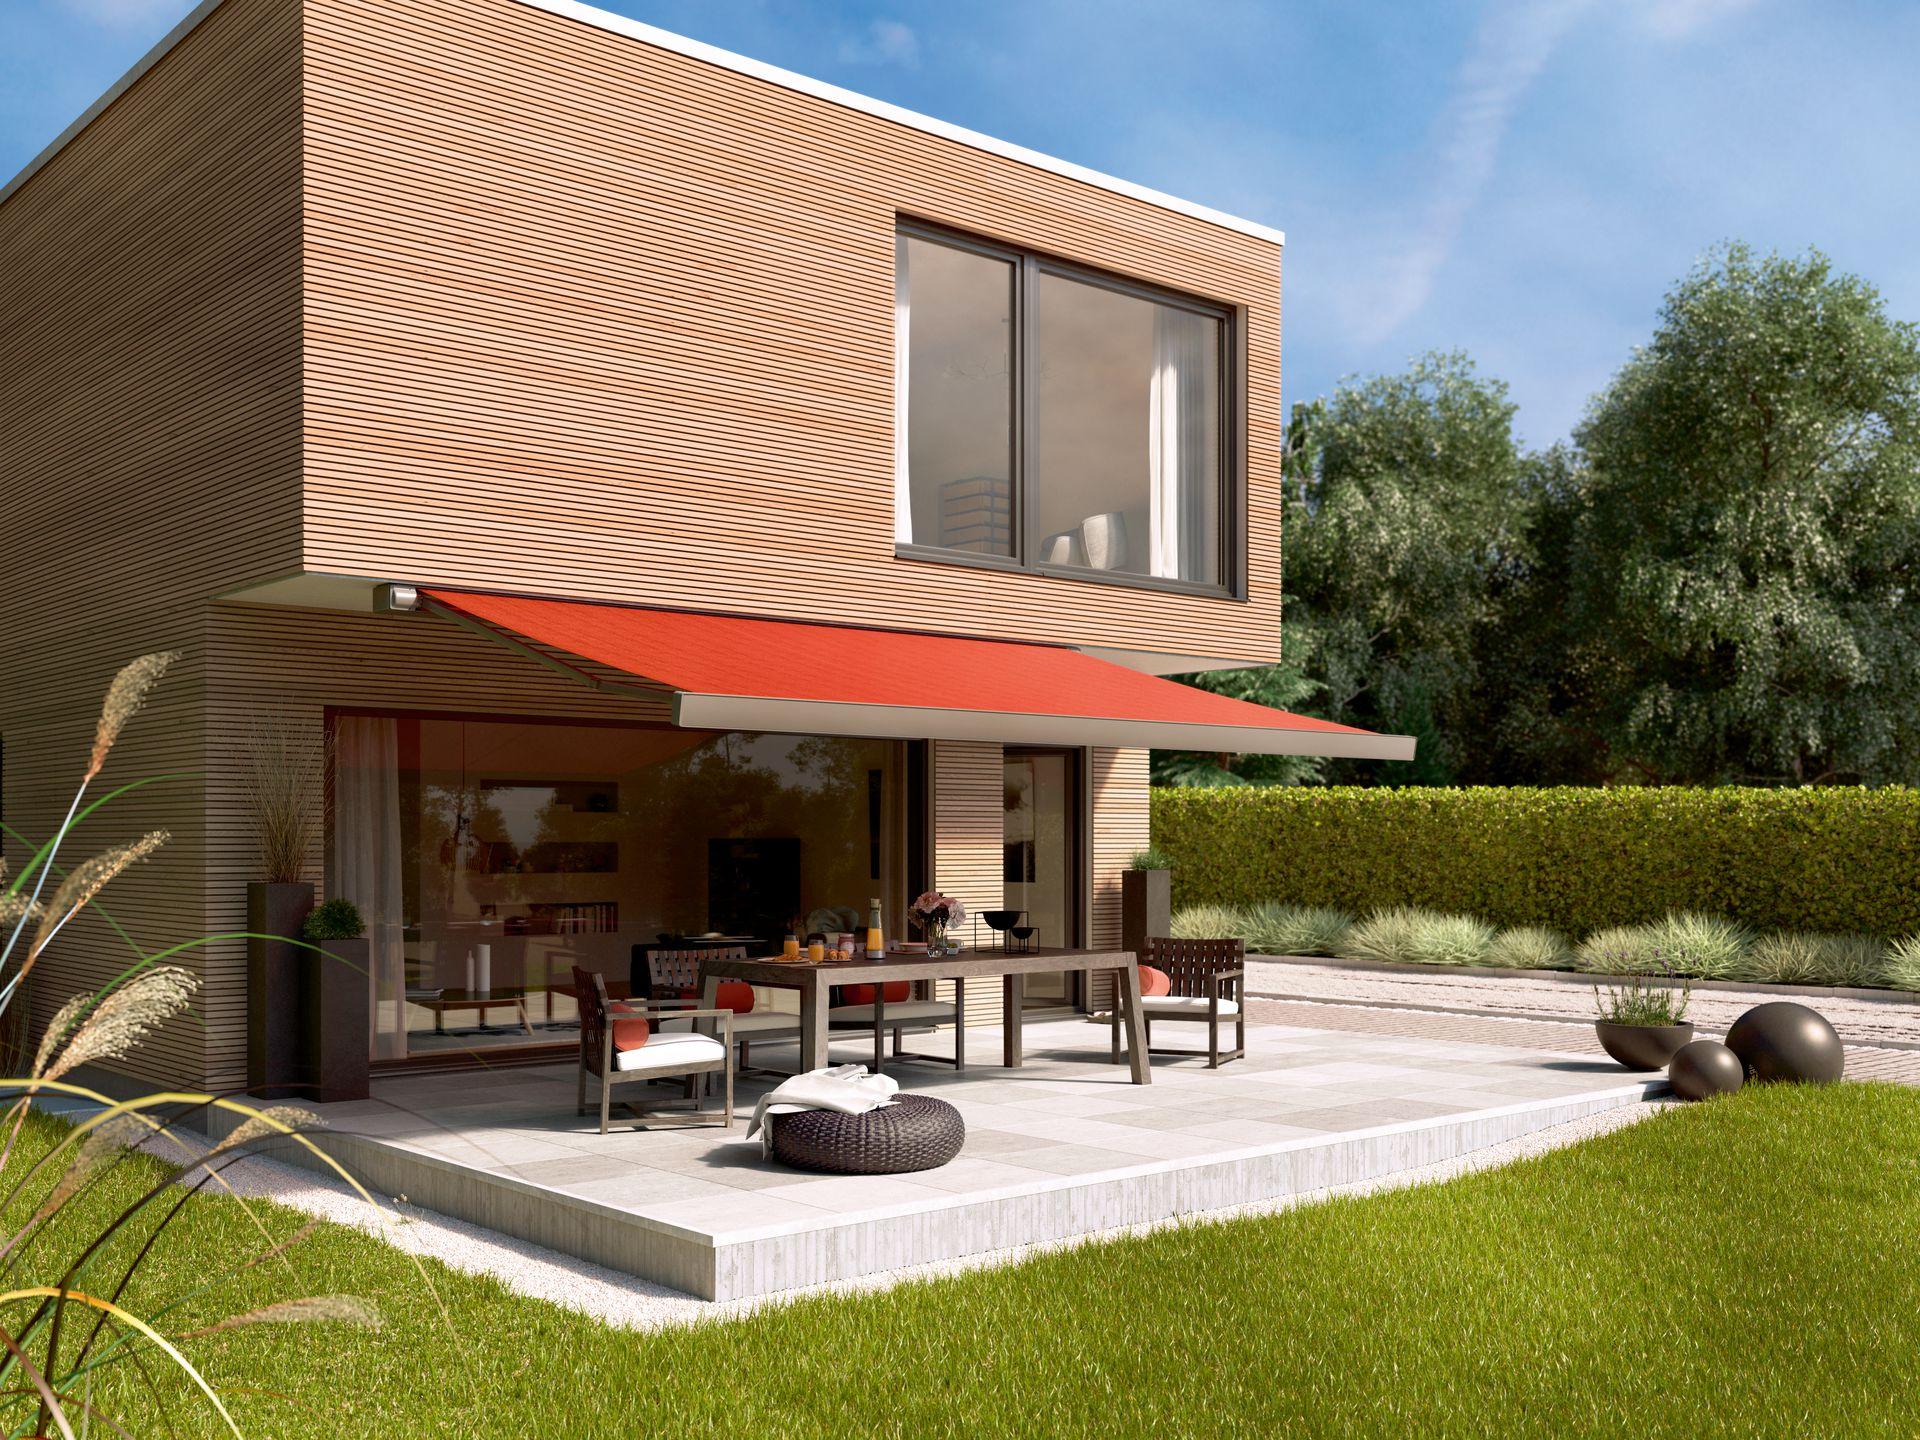 Terrassen-Markise der Marke Markilux von Ottis Fenster und Türen